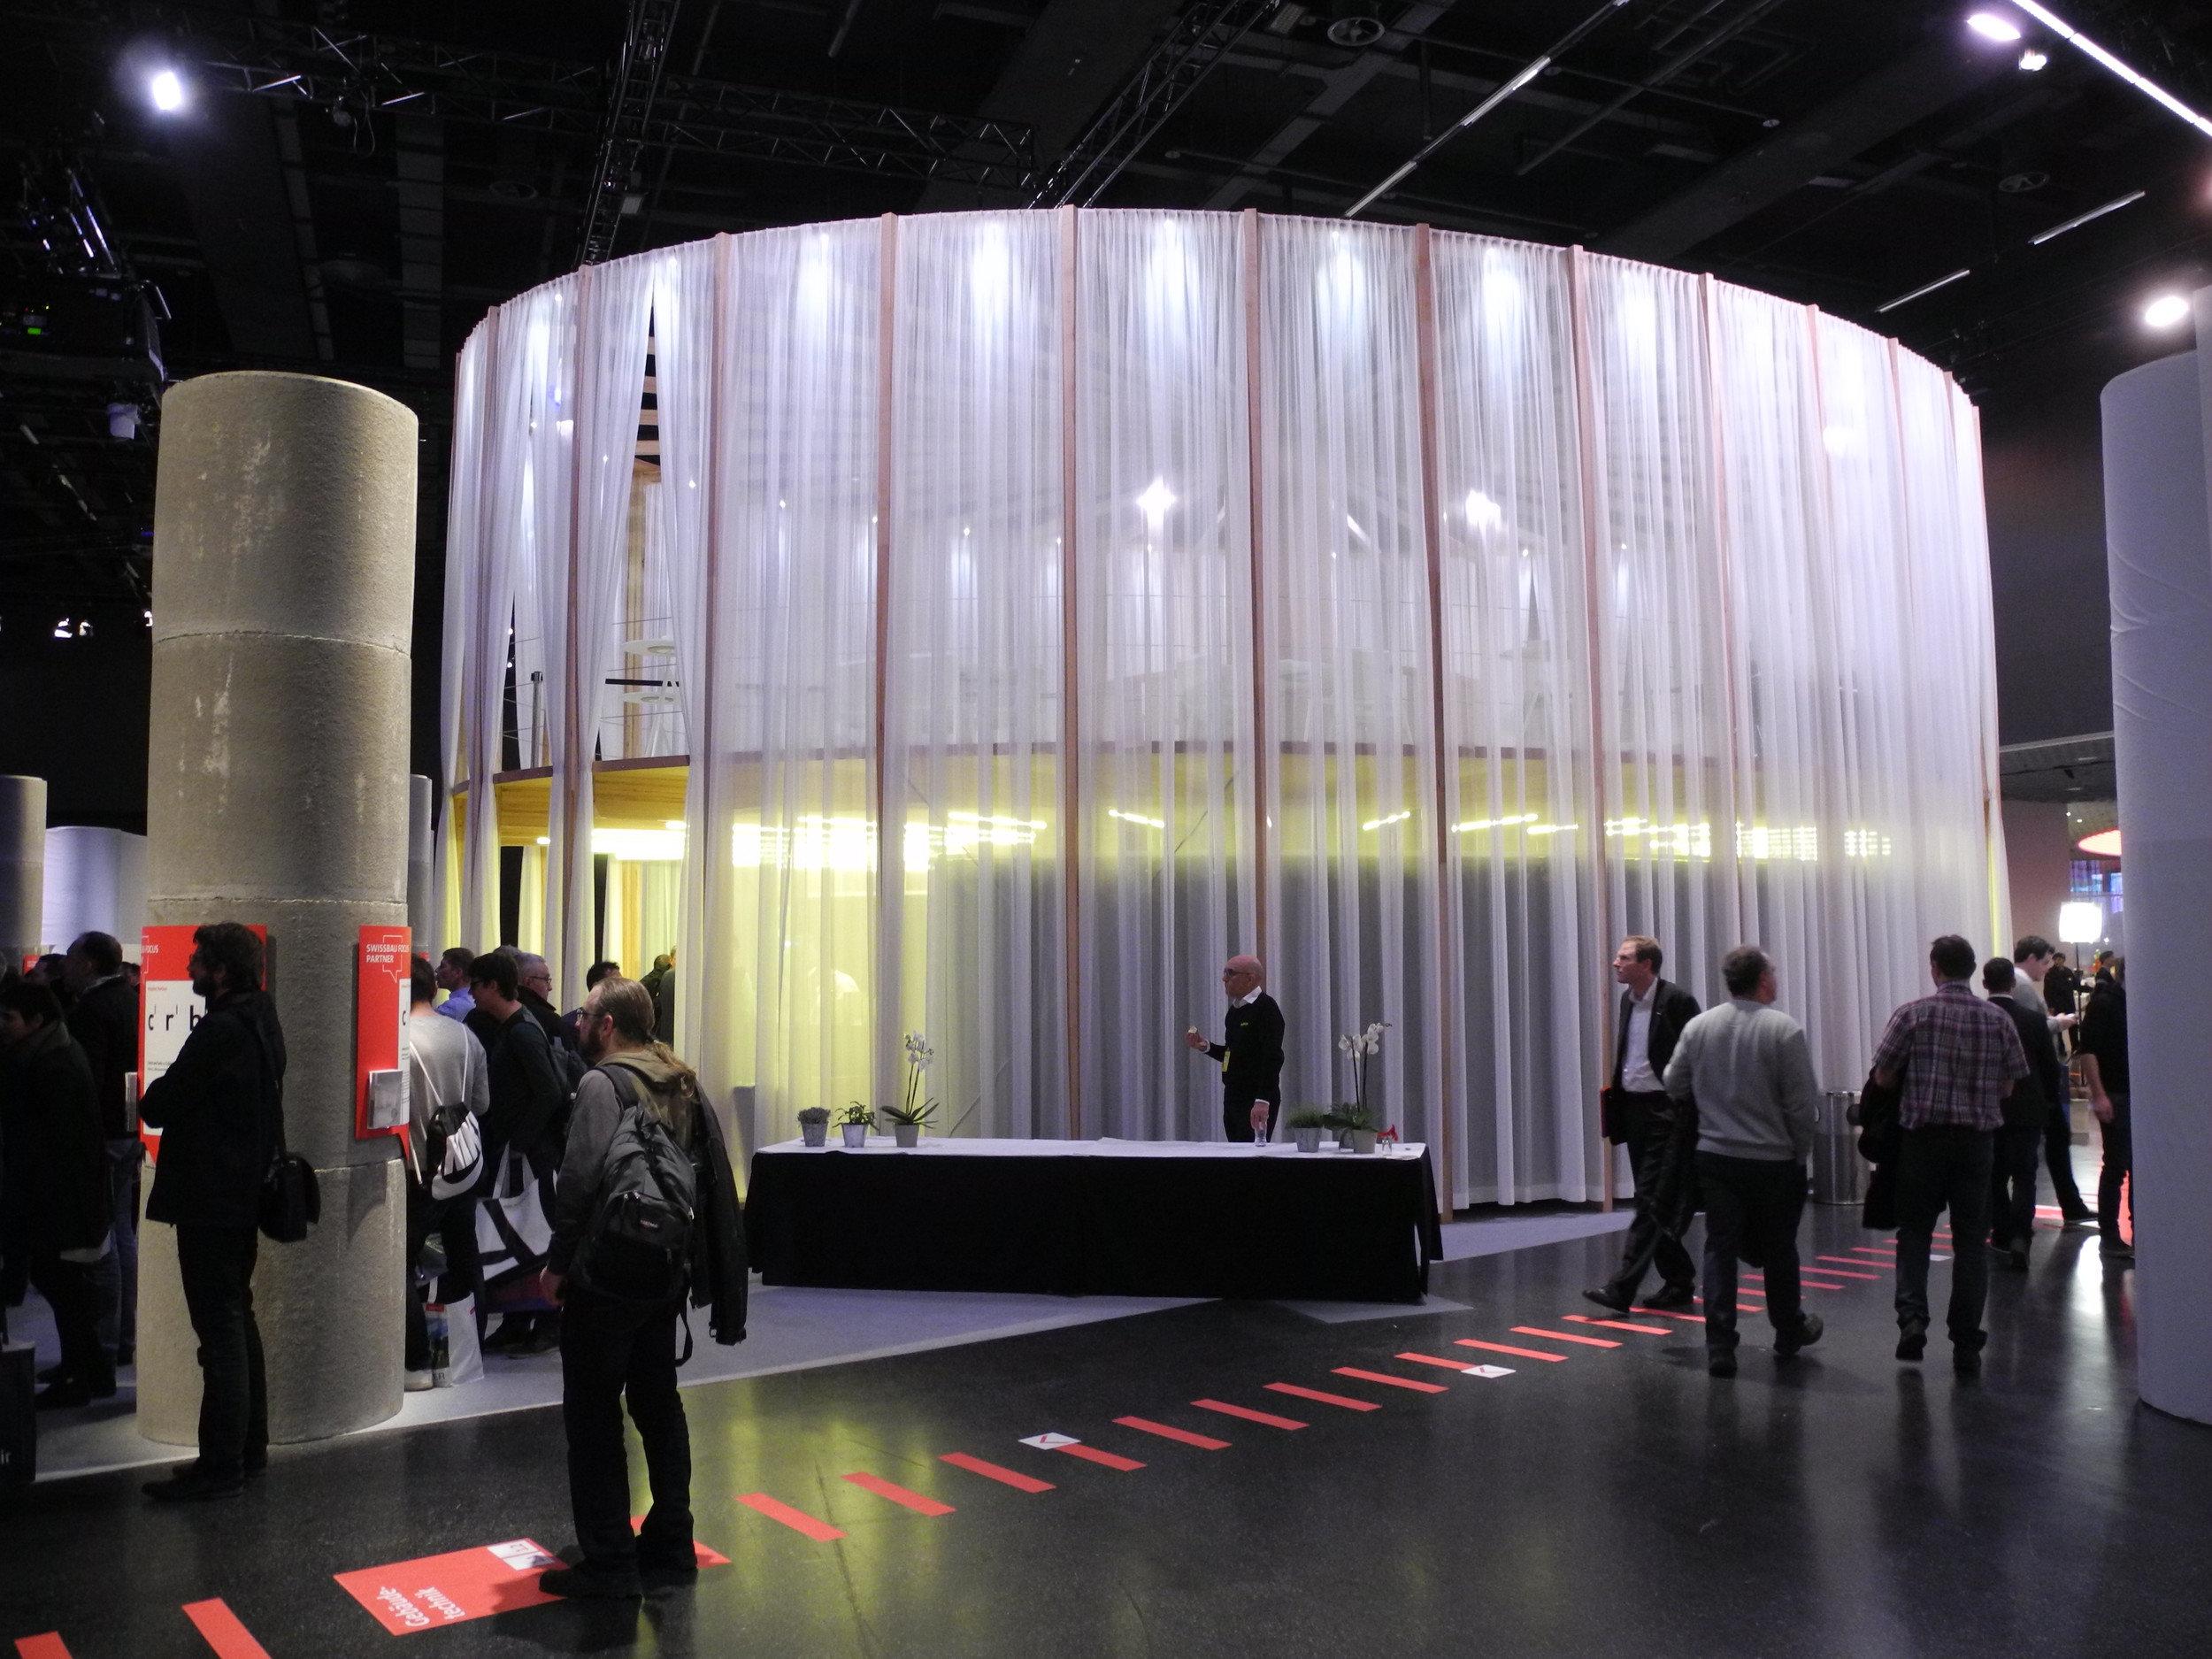 Pavillon elliptischer Grundriss geschlossene Vorhänge als Wand